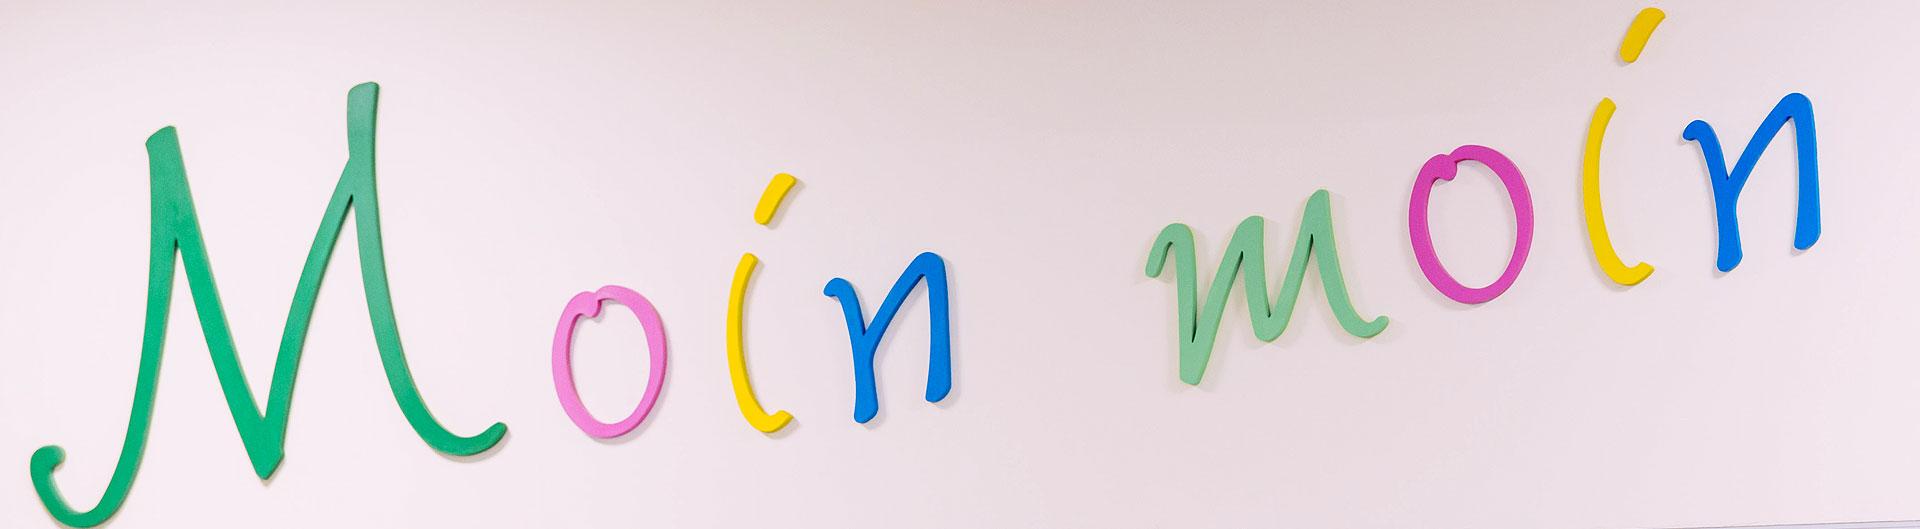 """Das Bild zeigt einen Schriftzug aus bunten Buchstaben: Moin moin"""". Dieser Schriftzug ist über der Essensausgabe der Mensa angebracht."""